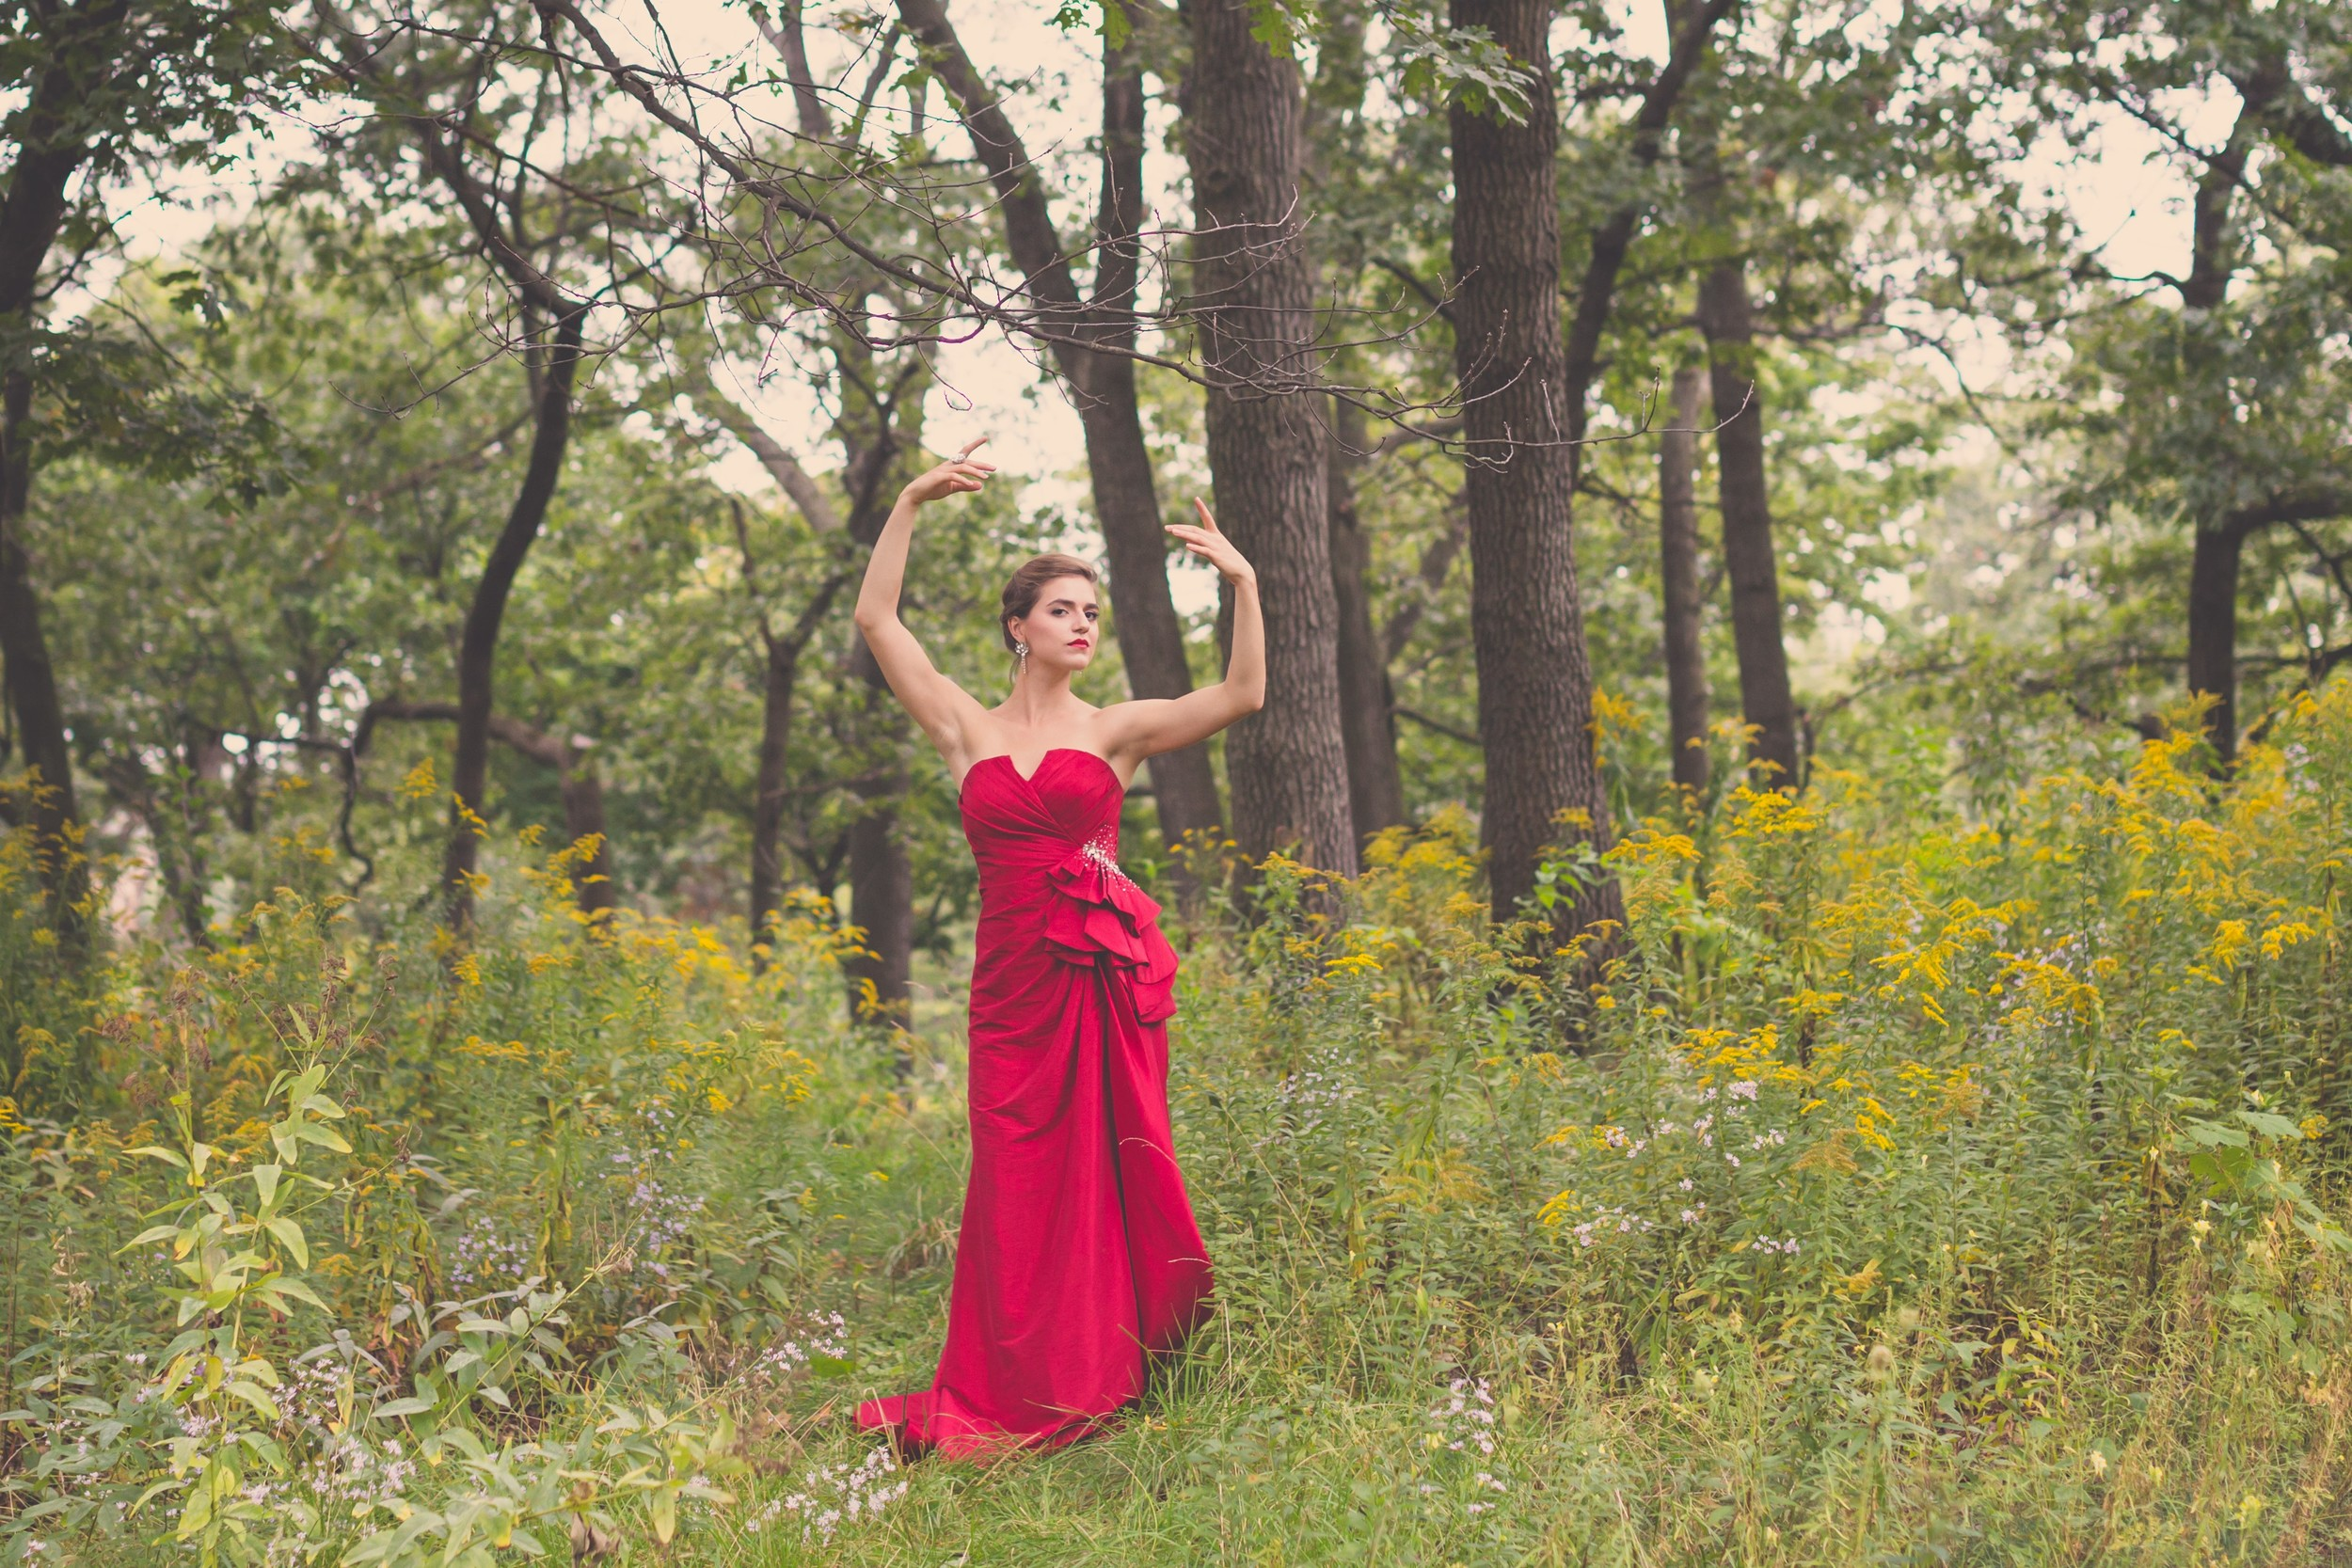 Foto: katie cross photography